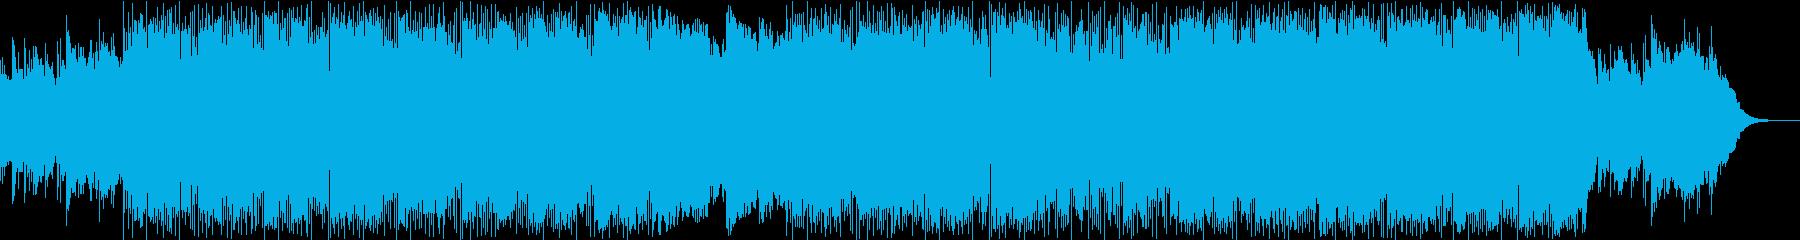 クールなDrum'NBassの再生済みの波形